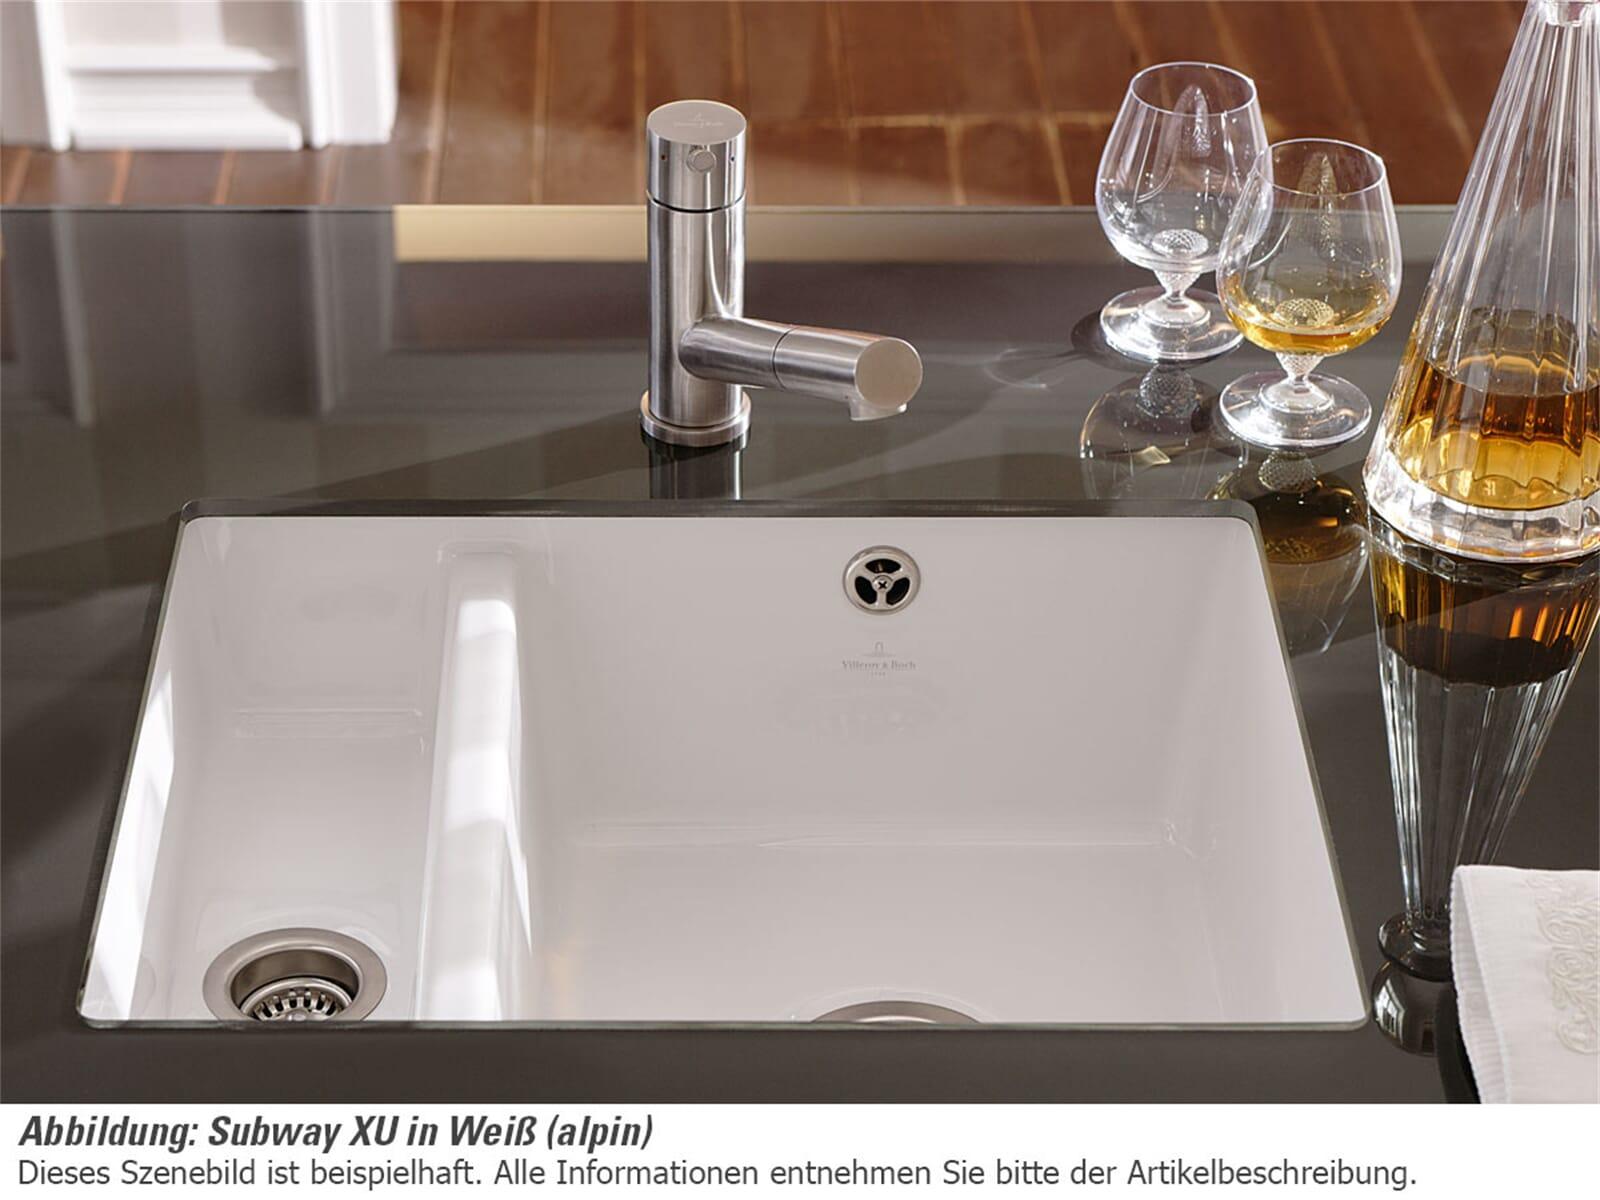 Villeroy & Boch Subway 60 XU Ivory - 6758 01 FU Keramikspüle Handbetätigung